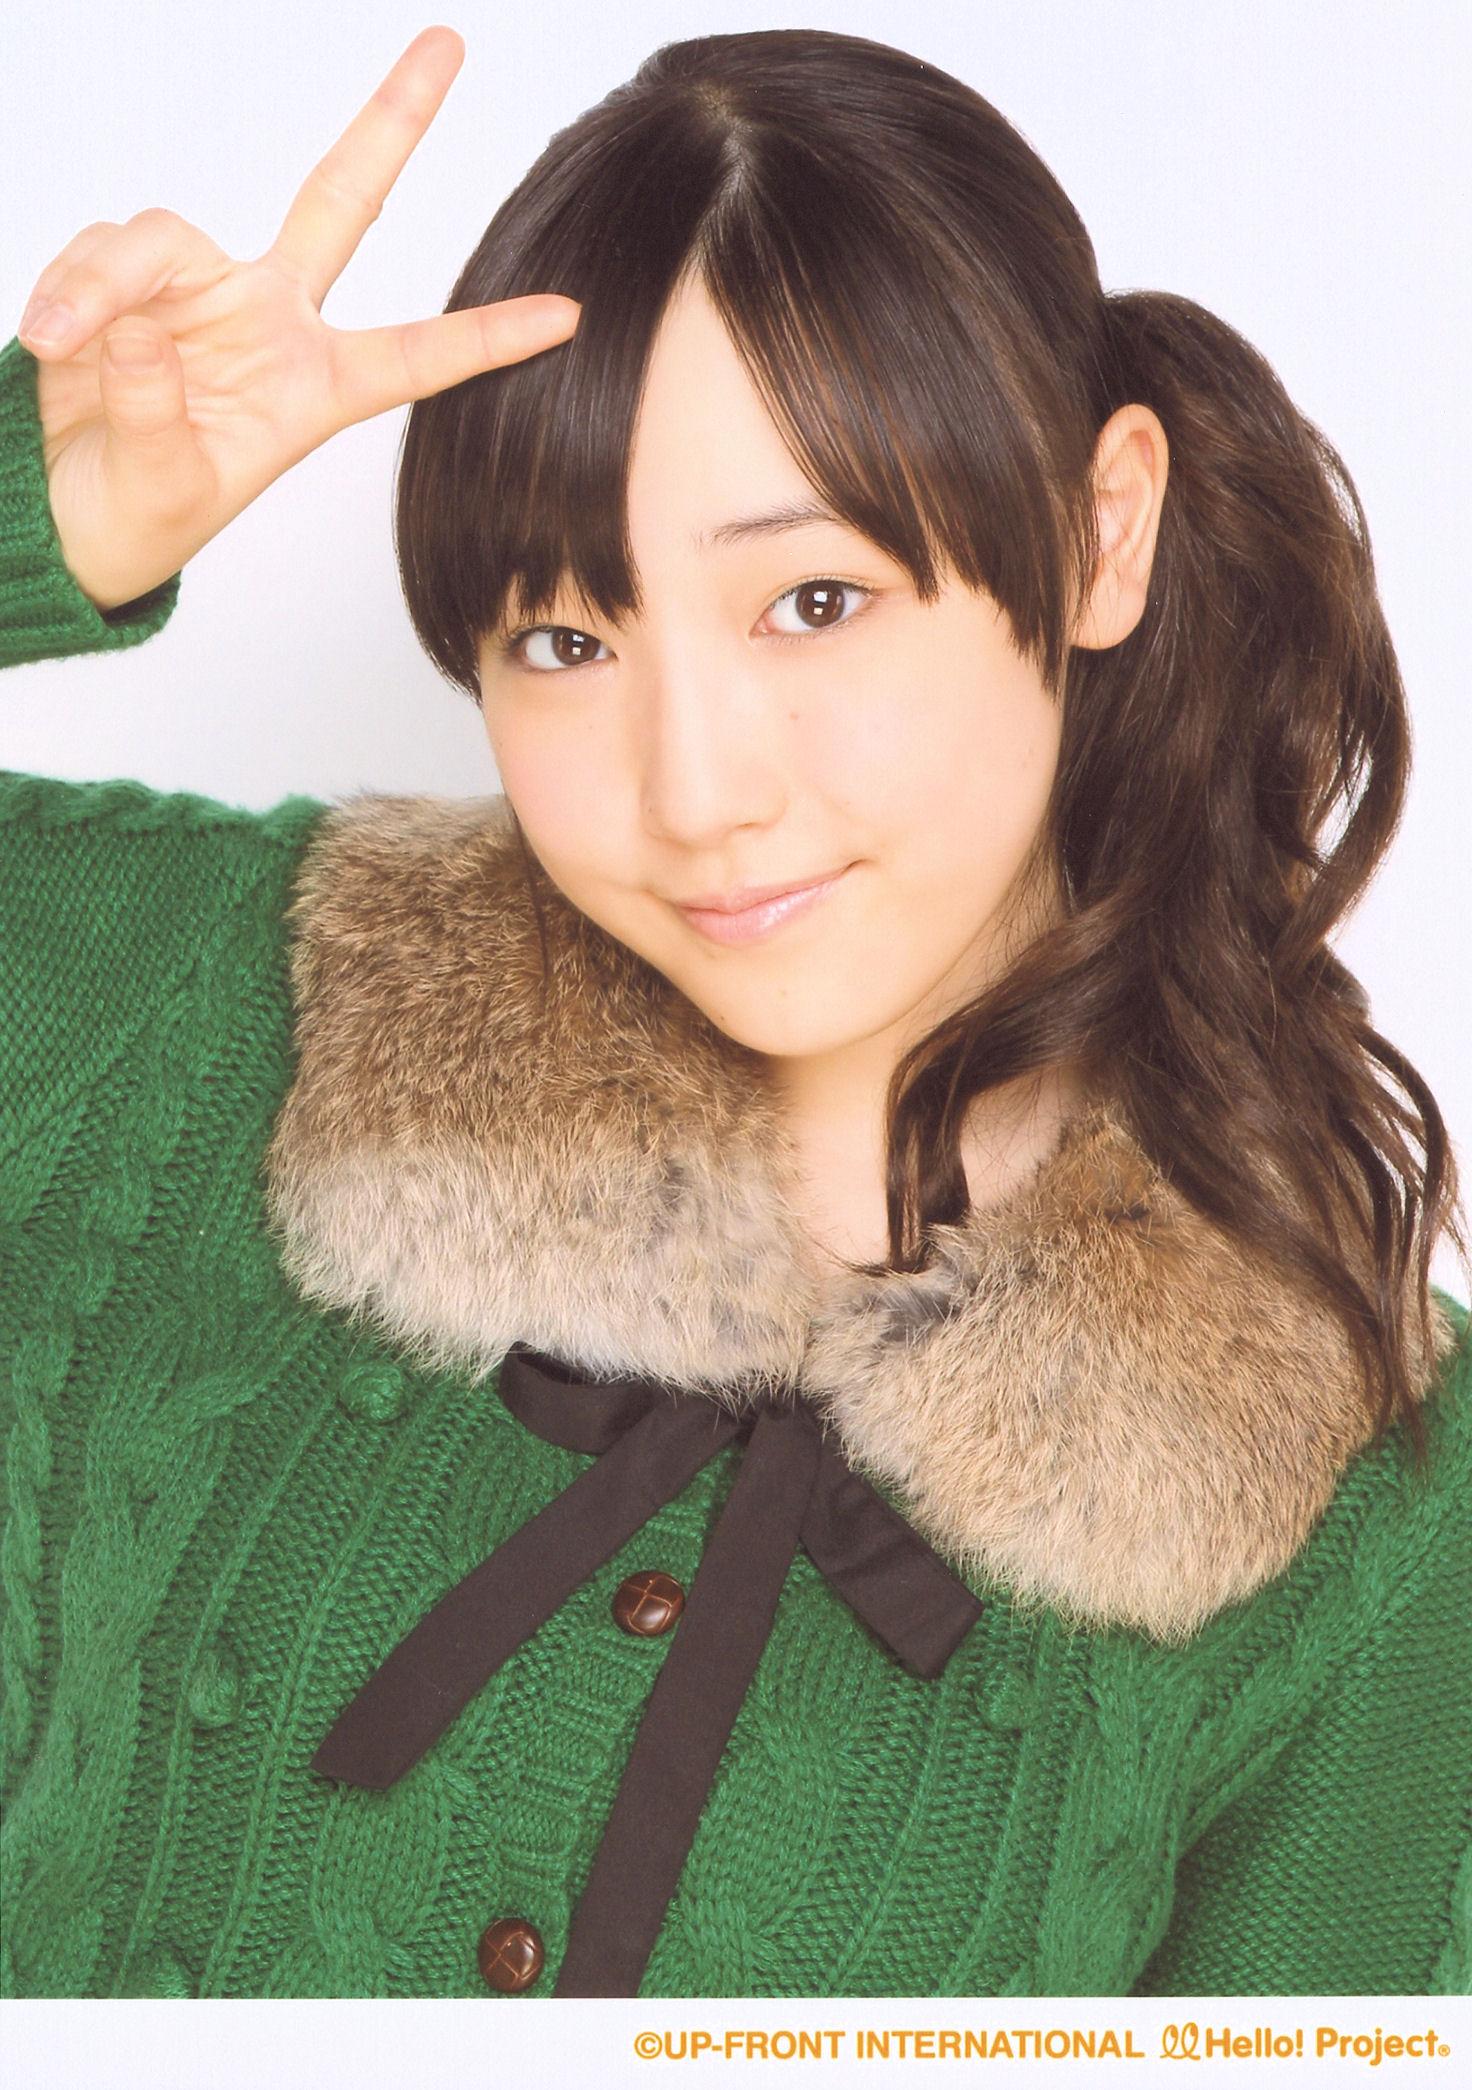 ・R15アイドル・Riko kawanisi・ 2012012909.jpg